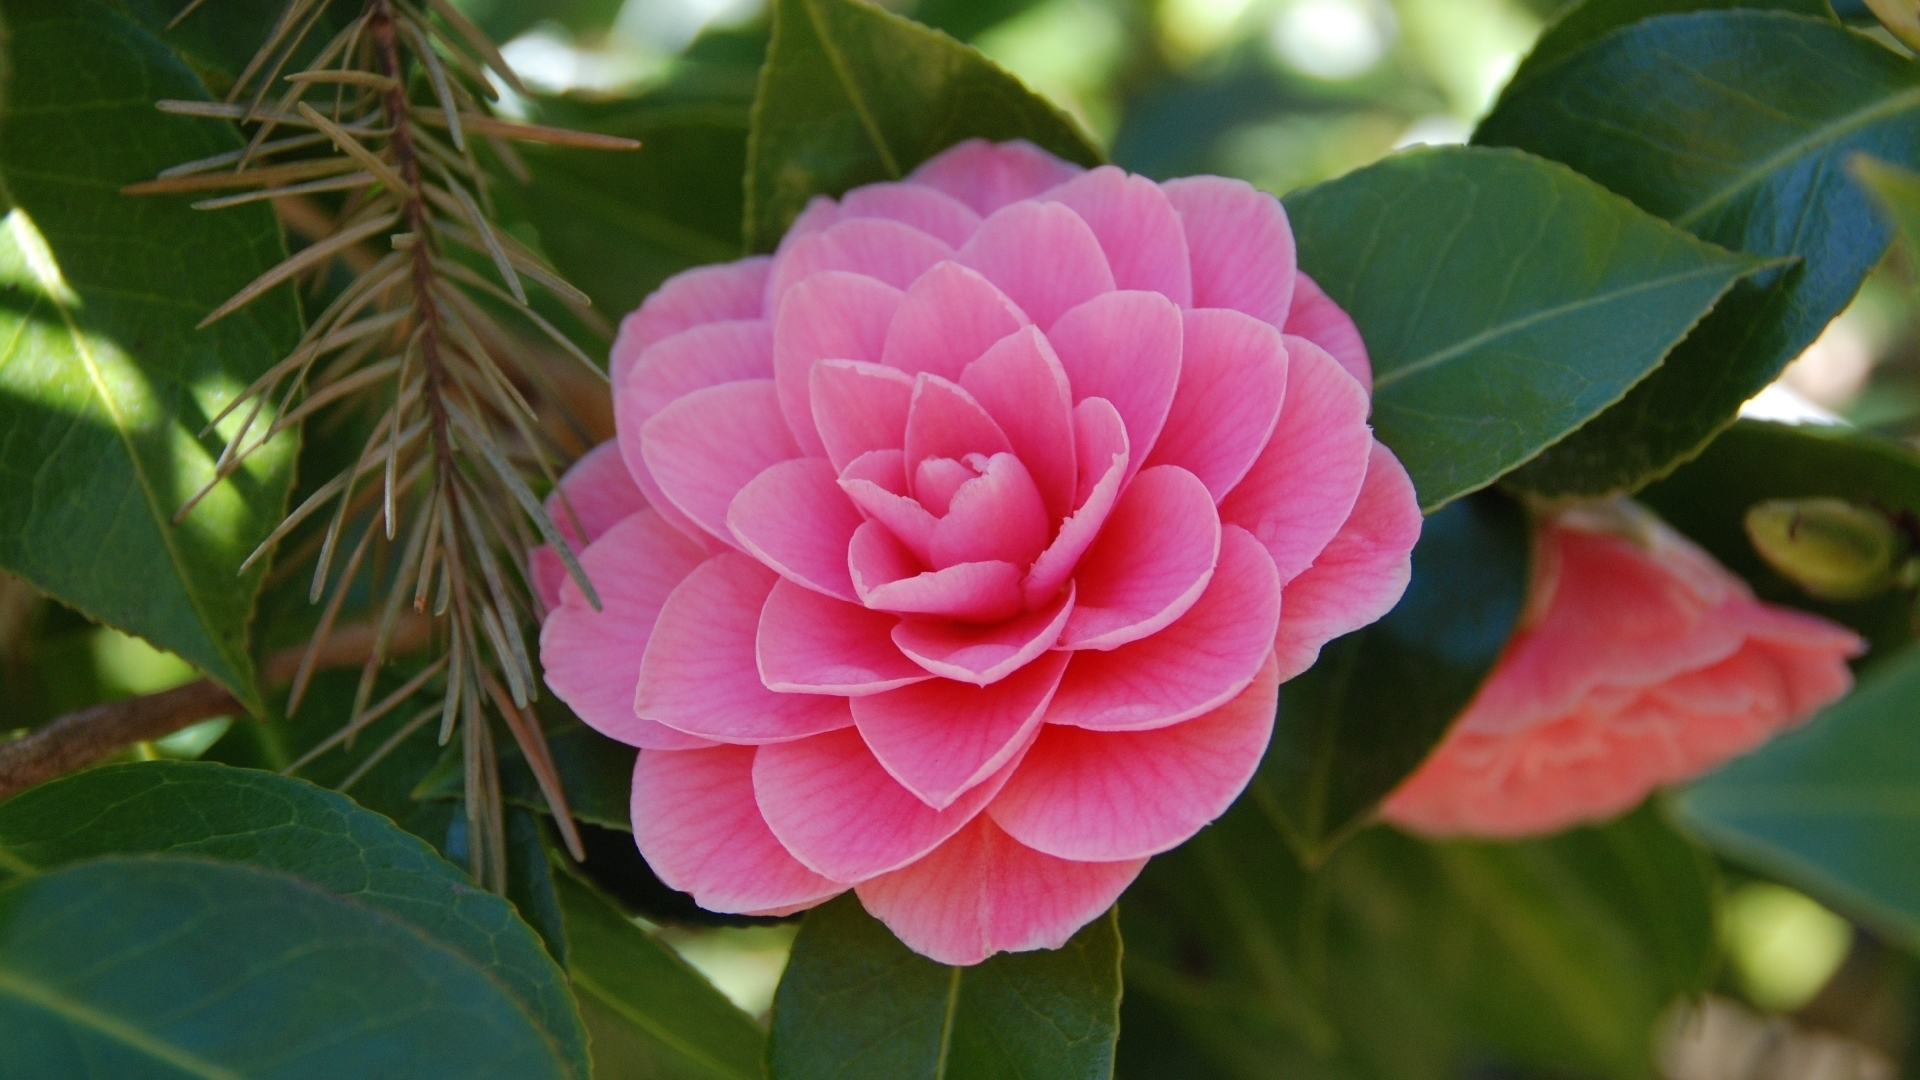 20169 скачать обои Растения, Цветы - заставки и картинки бесплатно